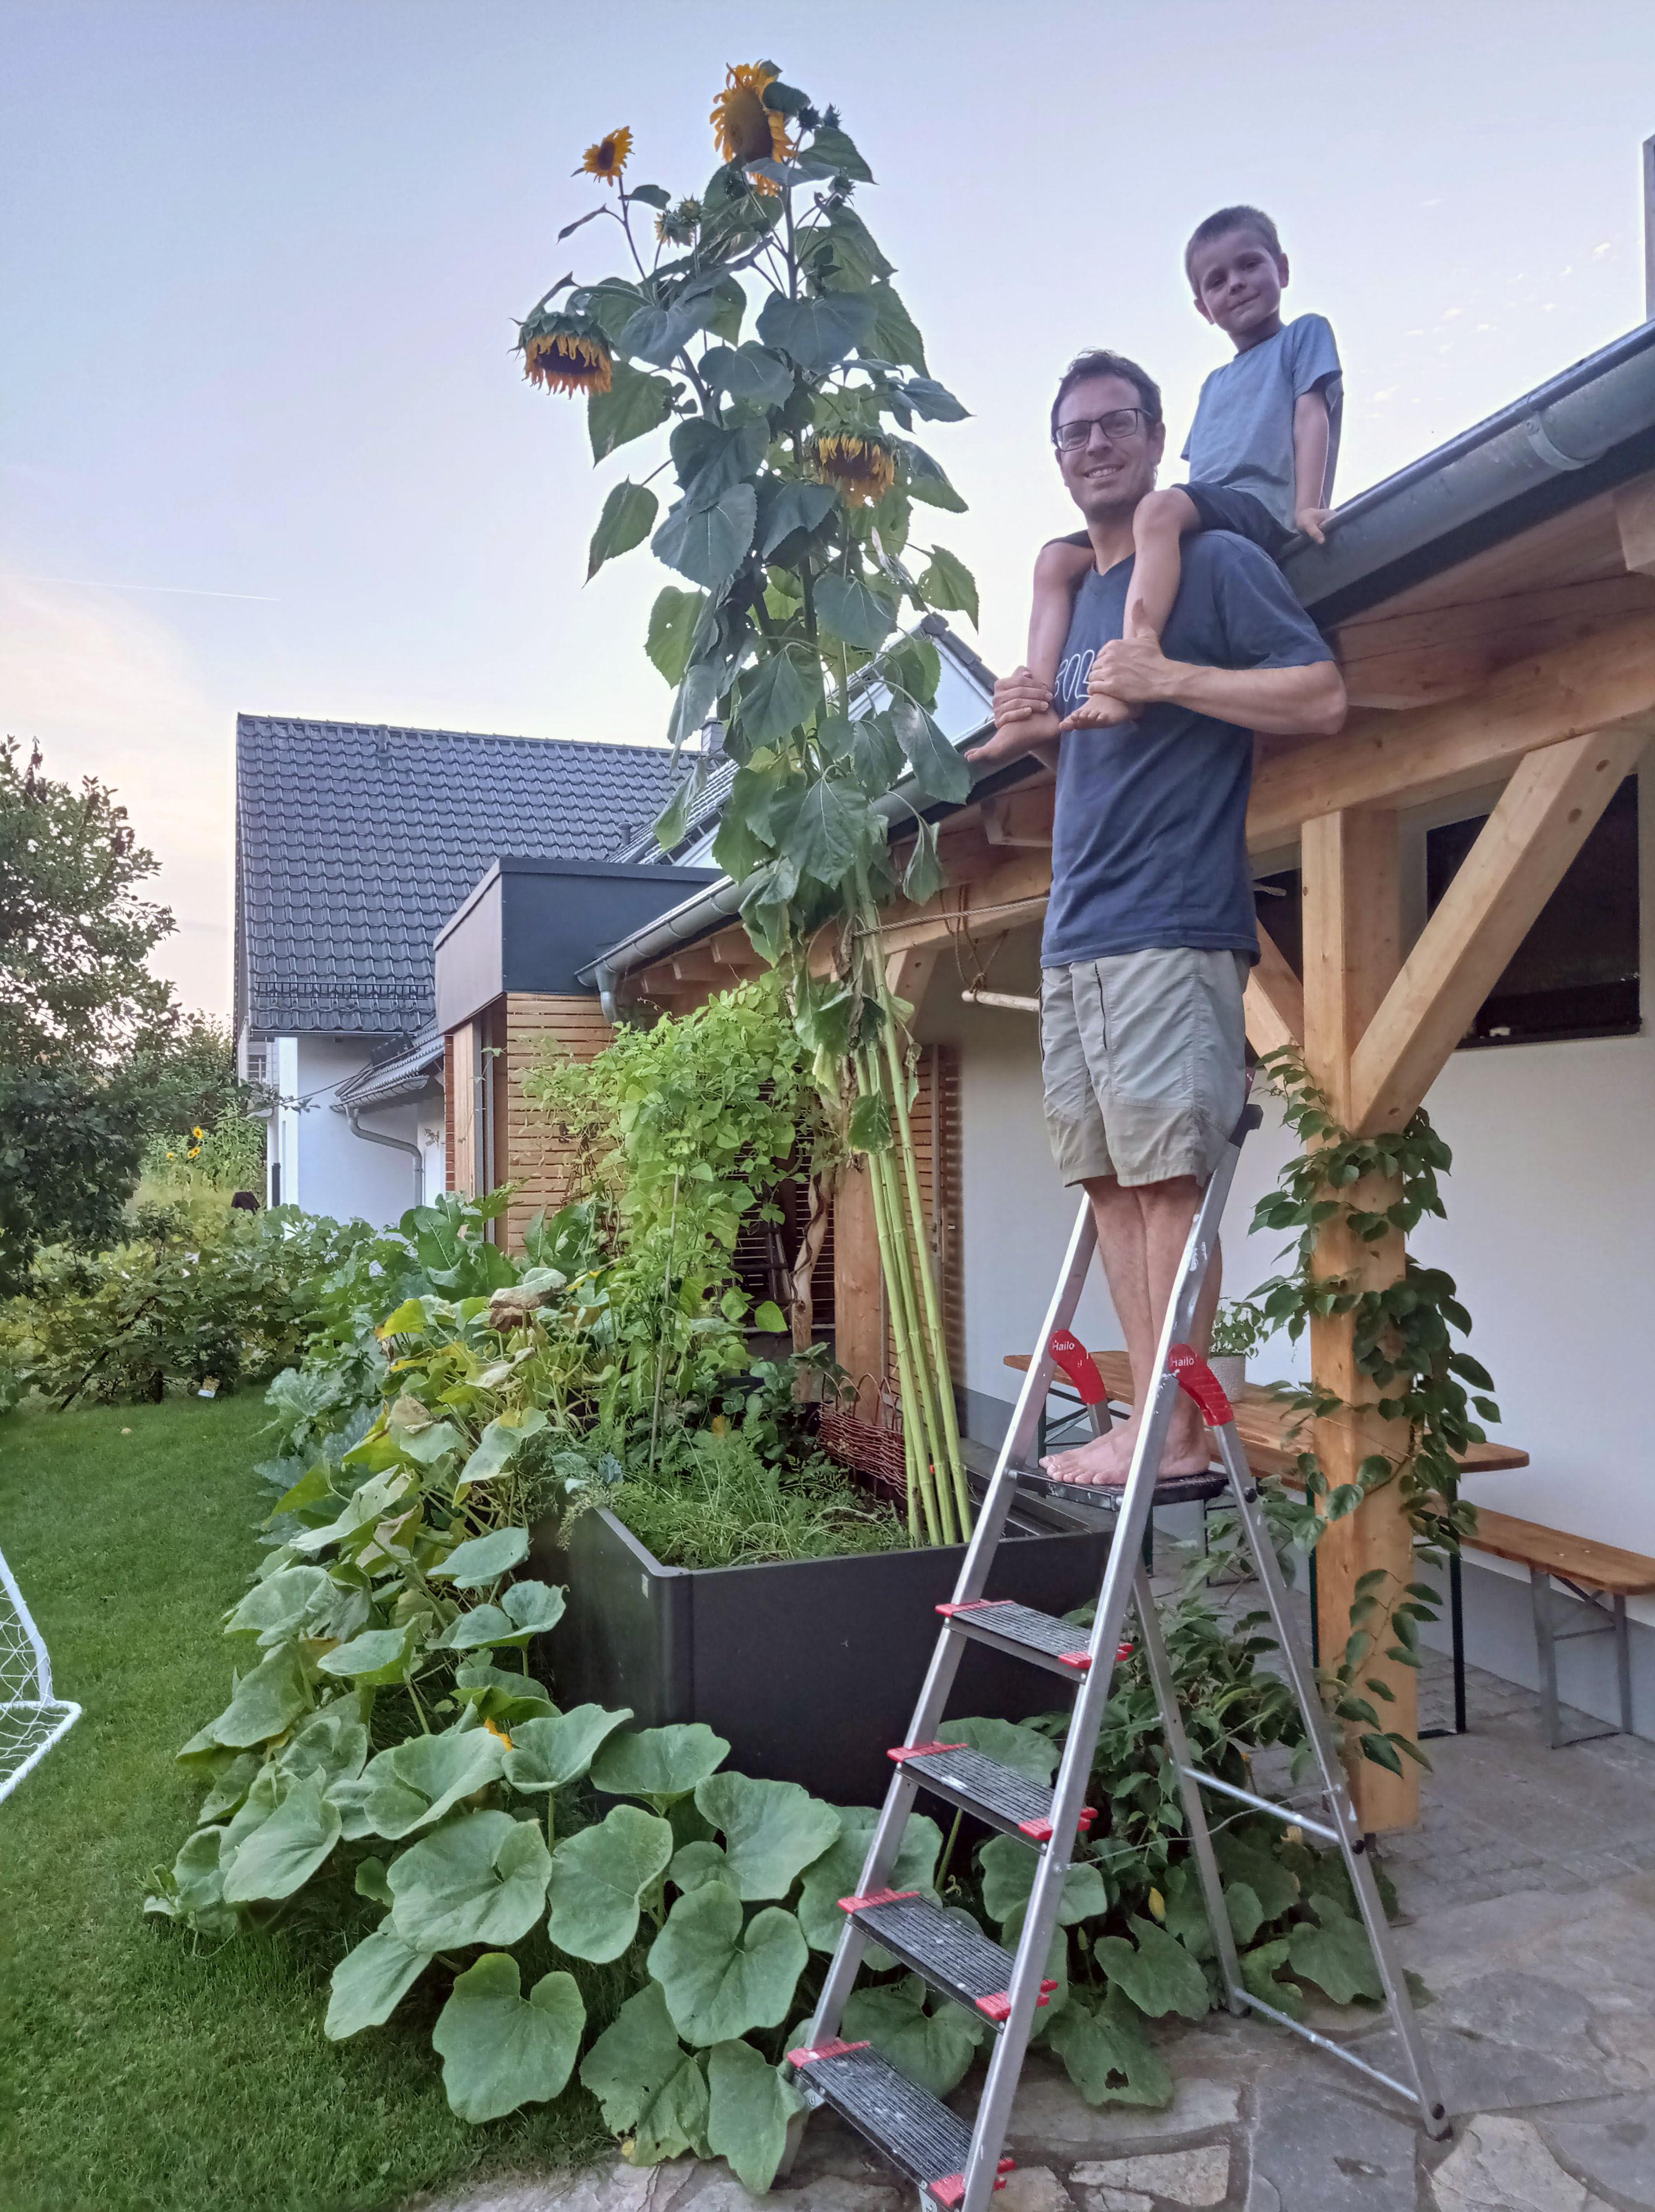 Aus vielen Gräten grüßen oft meterhohe Sonnenblumen - wie hier im Garten der Familie Fugmann in Oberwallenstadt. Foto: Umweltstation Weismain/Michael